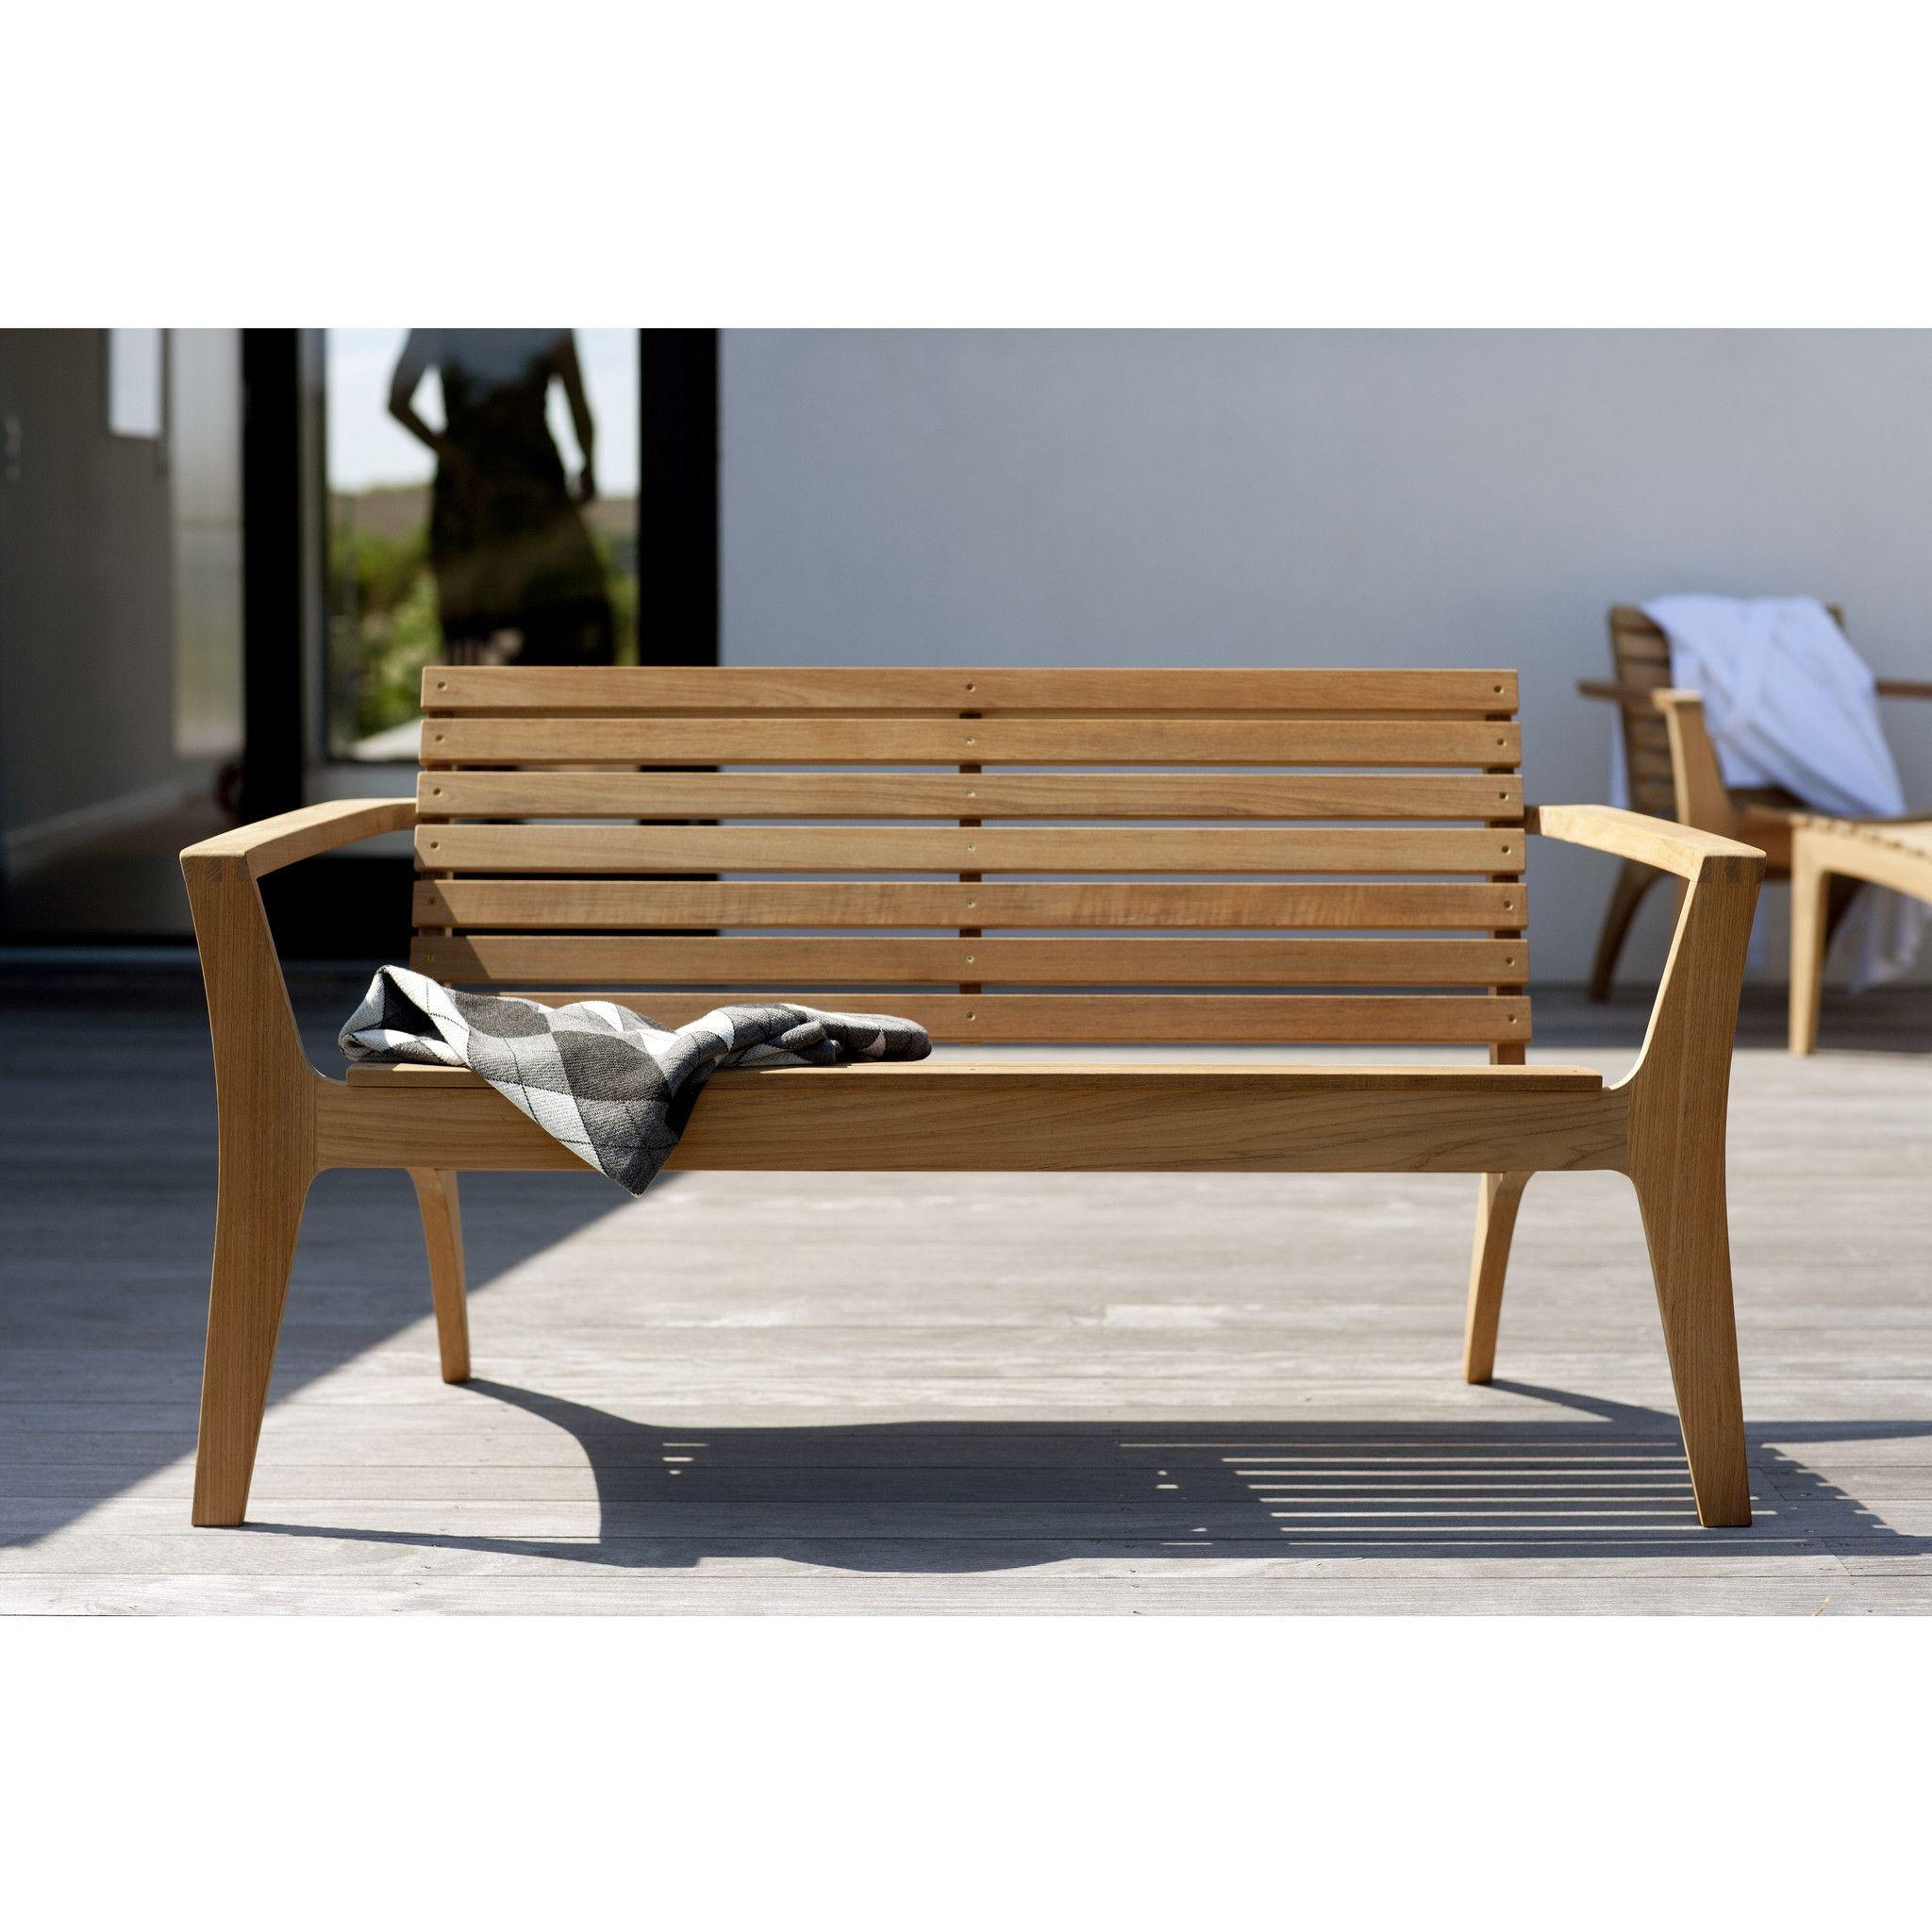 Regatta 2 Seater Lounge Bench In 2020 Teak Garden Bench Modern